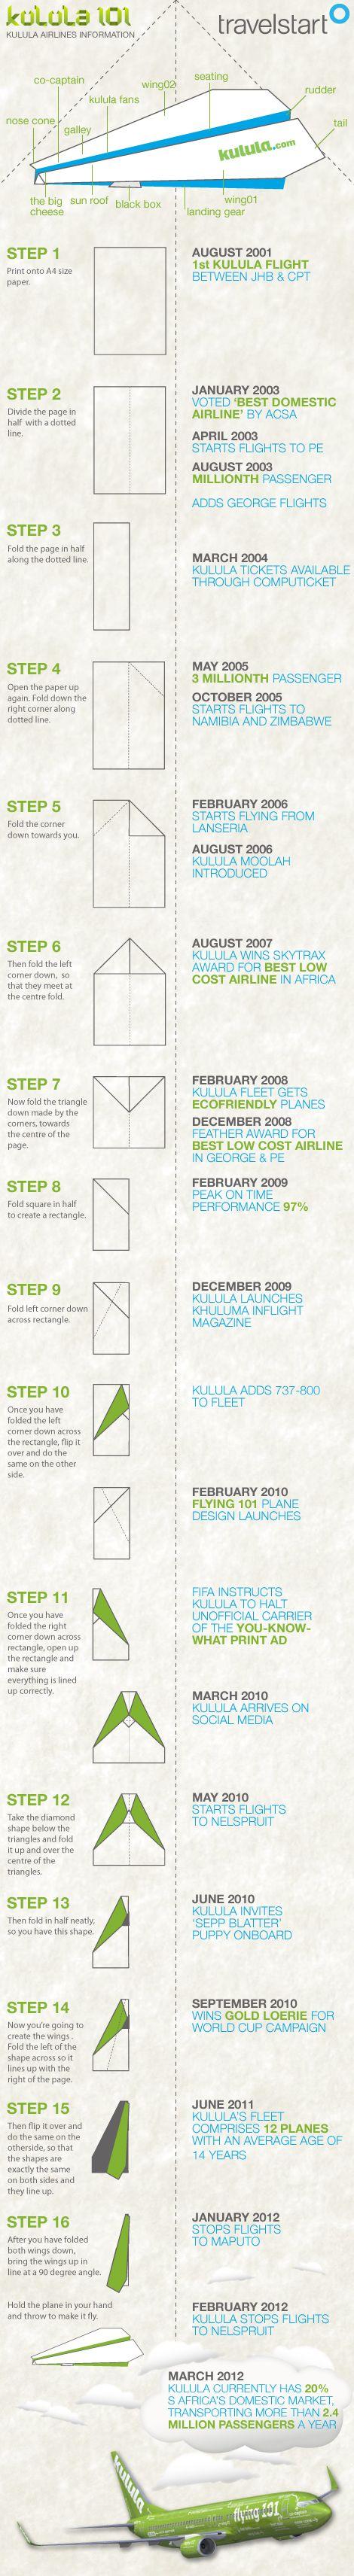 Kulula Infographic celebrating the 'Flying 101' plane livery